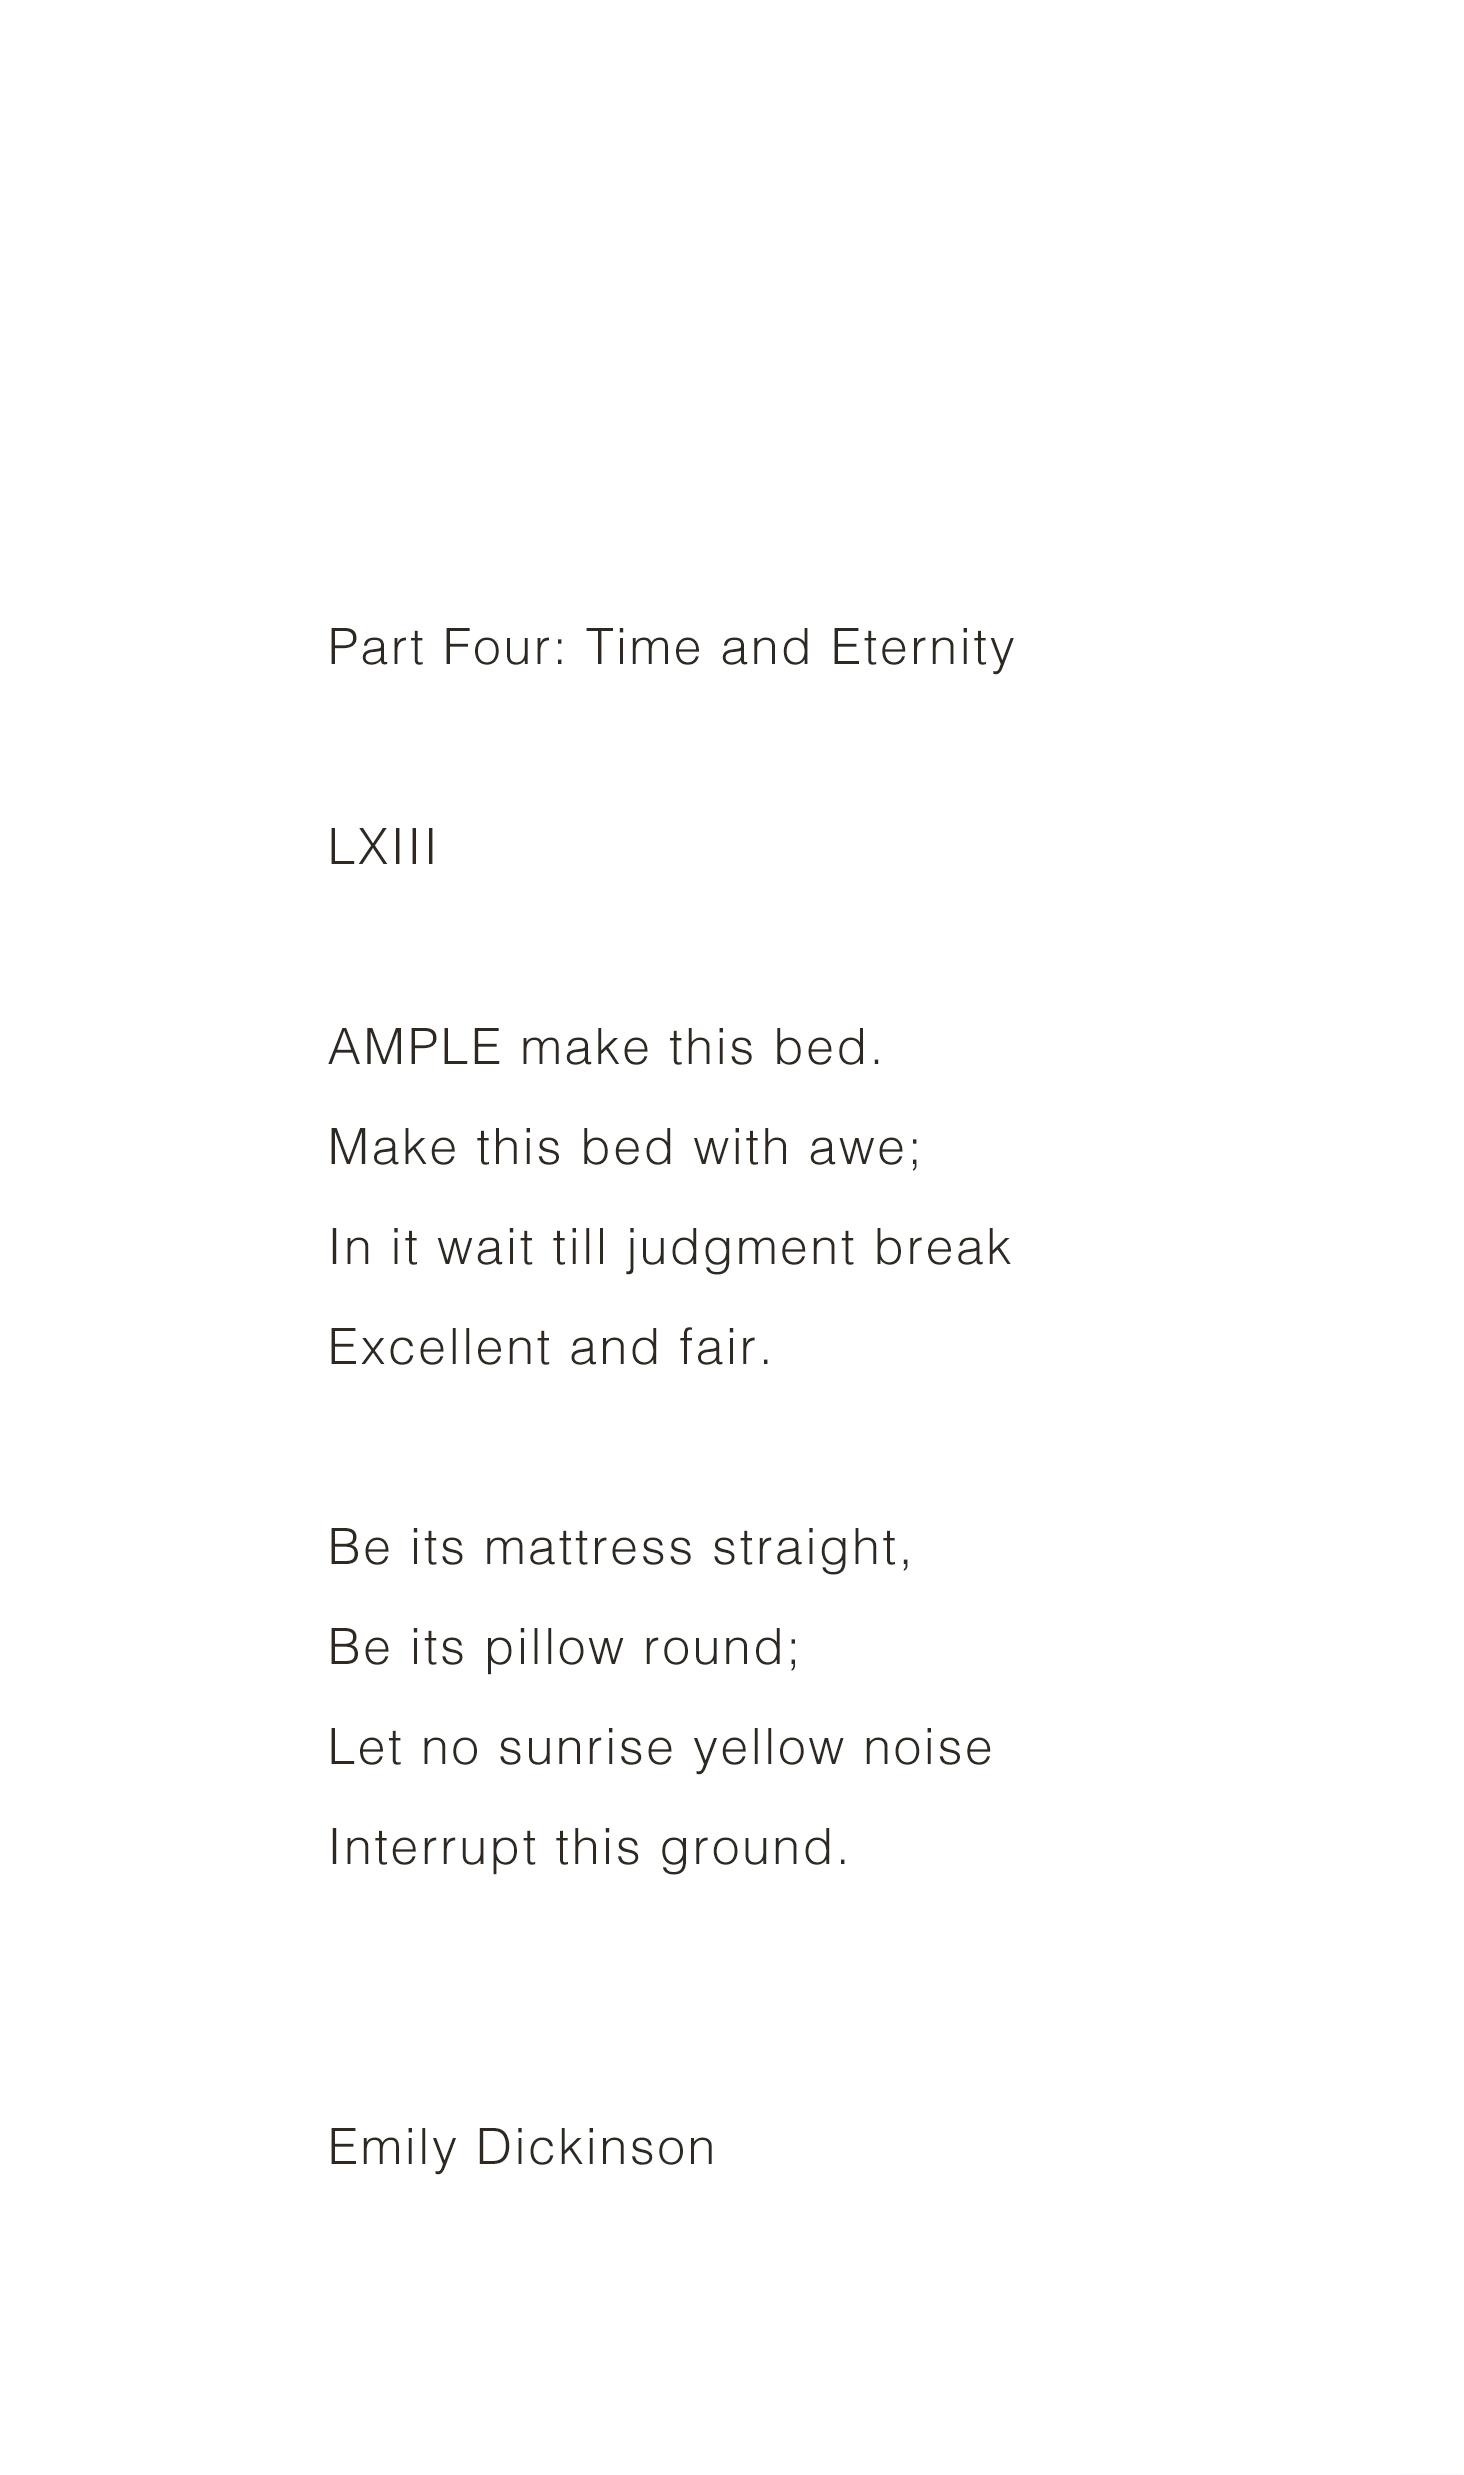 Sleep Poem Dickinson.jpg